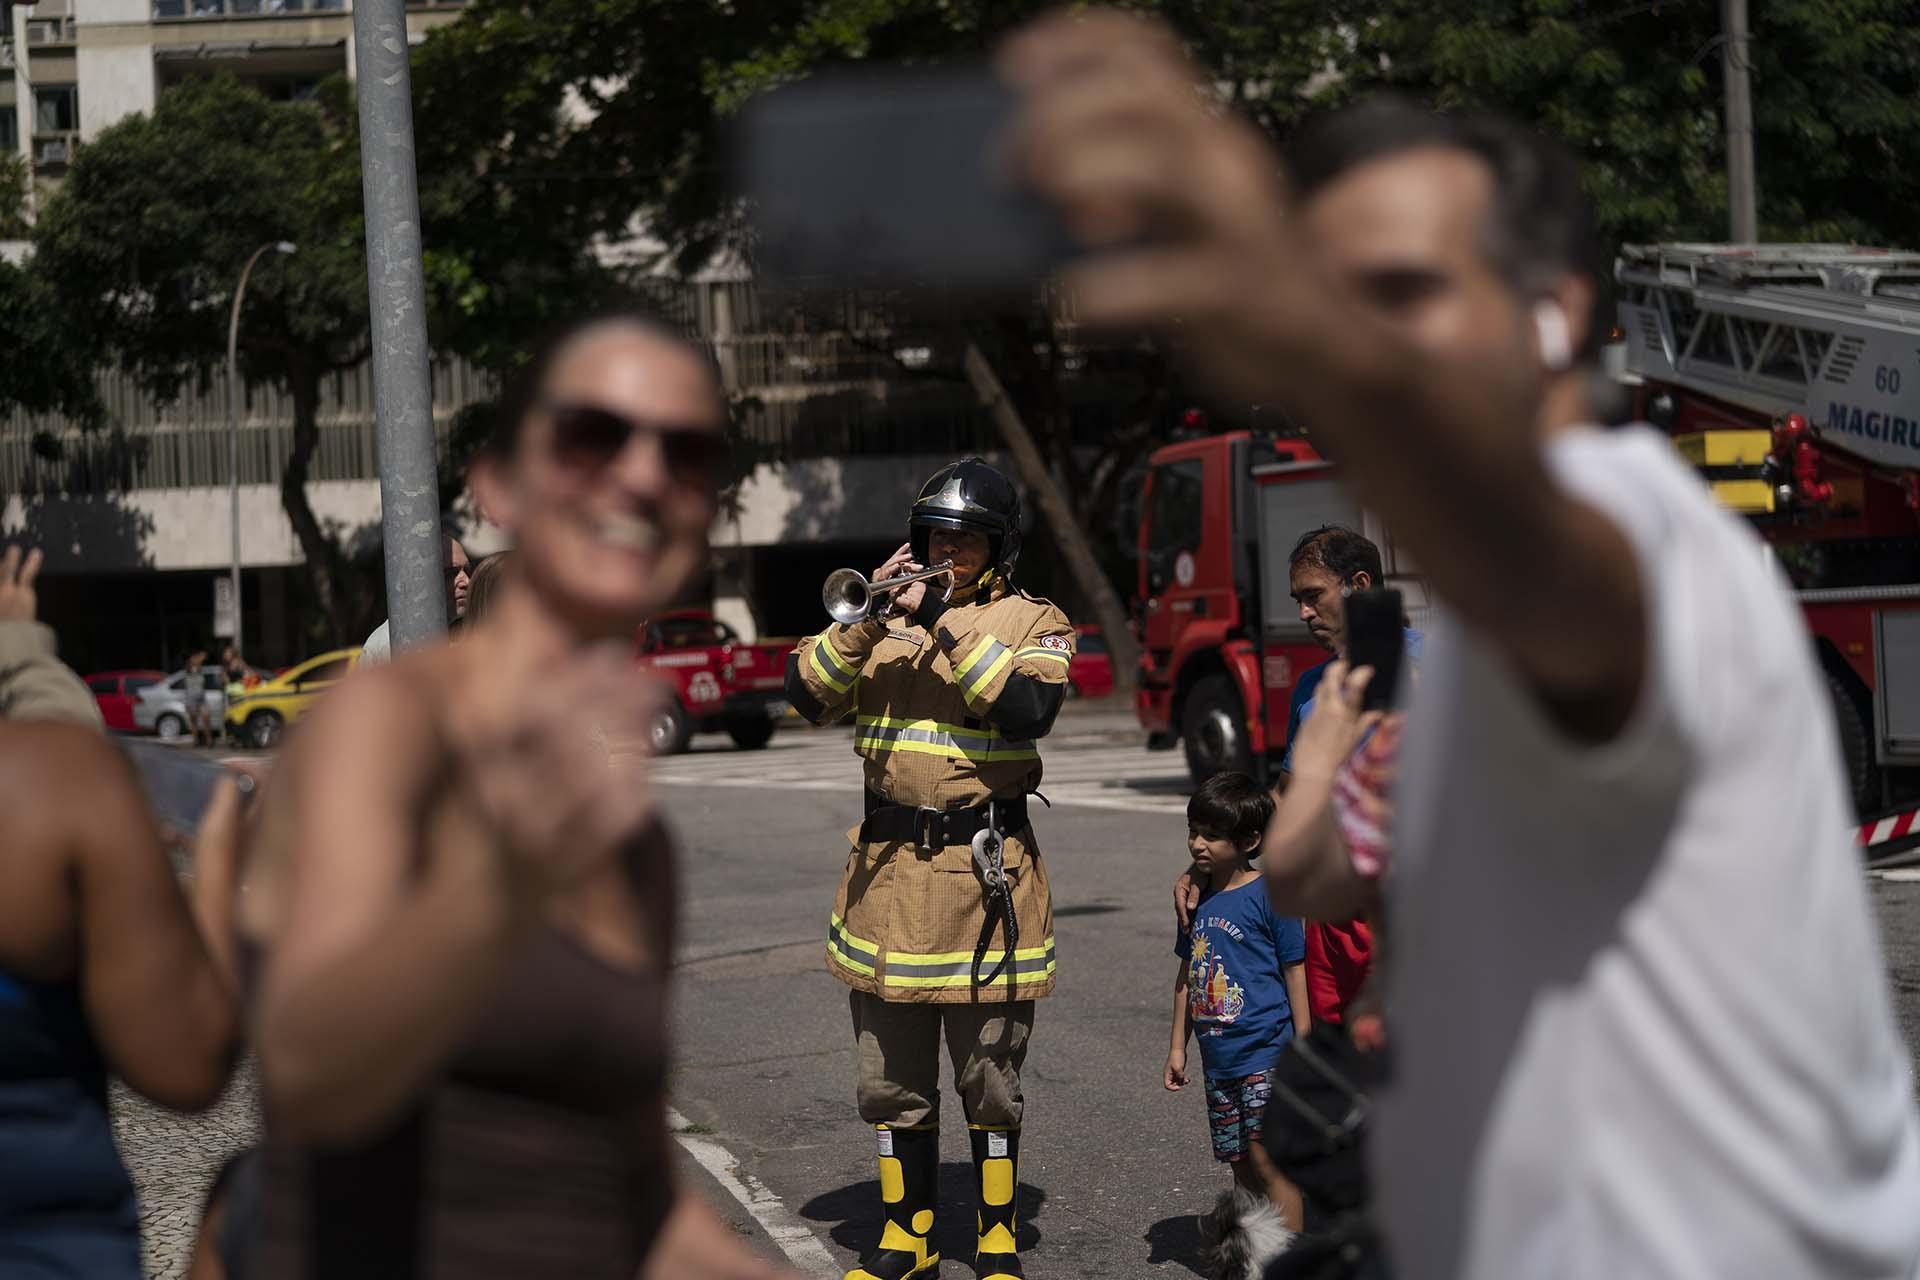 Reisdentes se toman una fotografía con el bombero Elielson Silva mientras éste toca la trompeta, en Río de Janeiro, Brasil (AP Photo/Leo Correa)